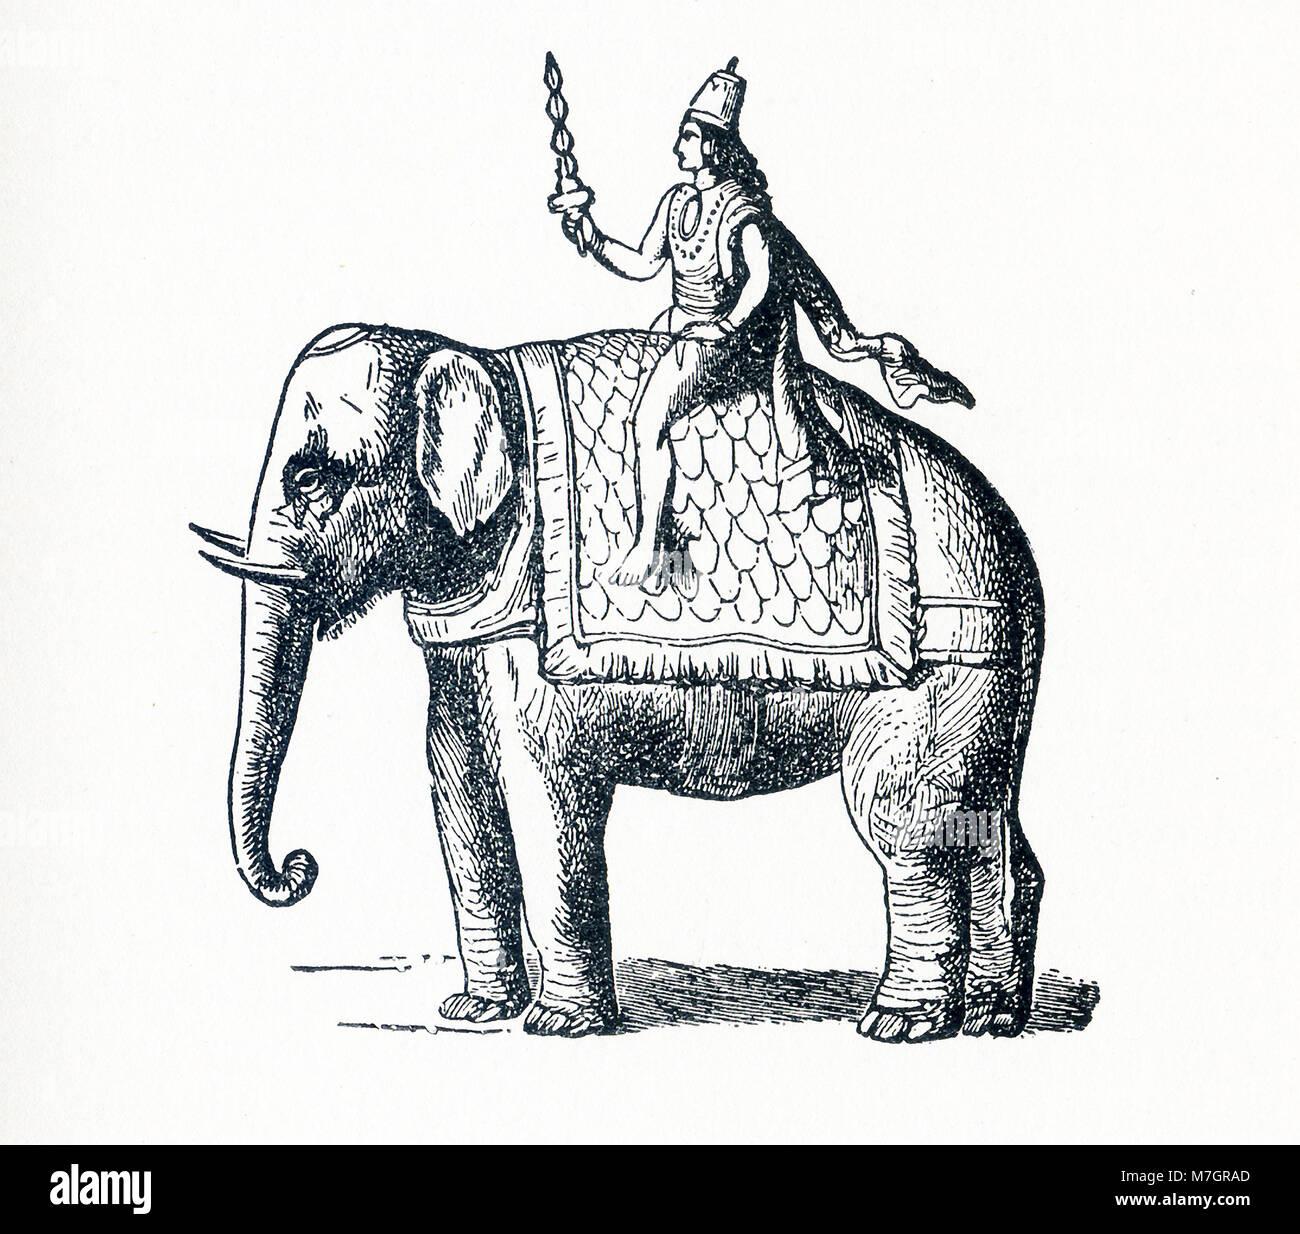 Questa illustrazione che risale al 1898 e rappresenta la divinità Indra. In Hinduism, Indra è una divinità Immagini Stock